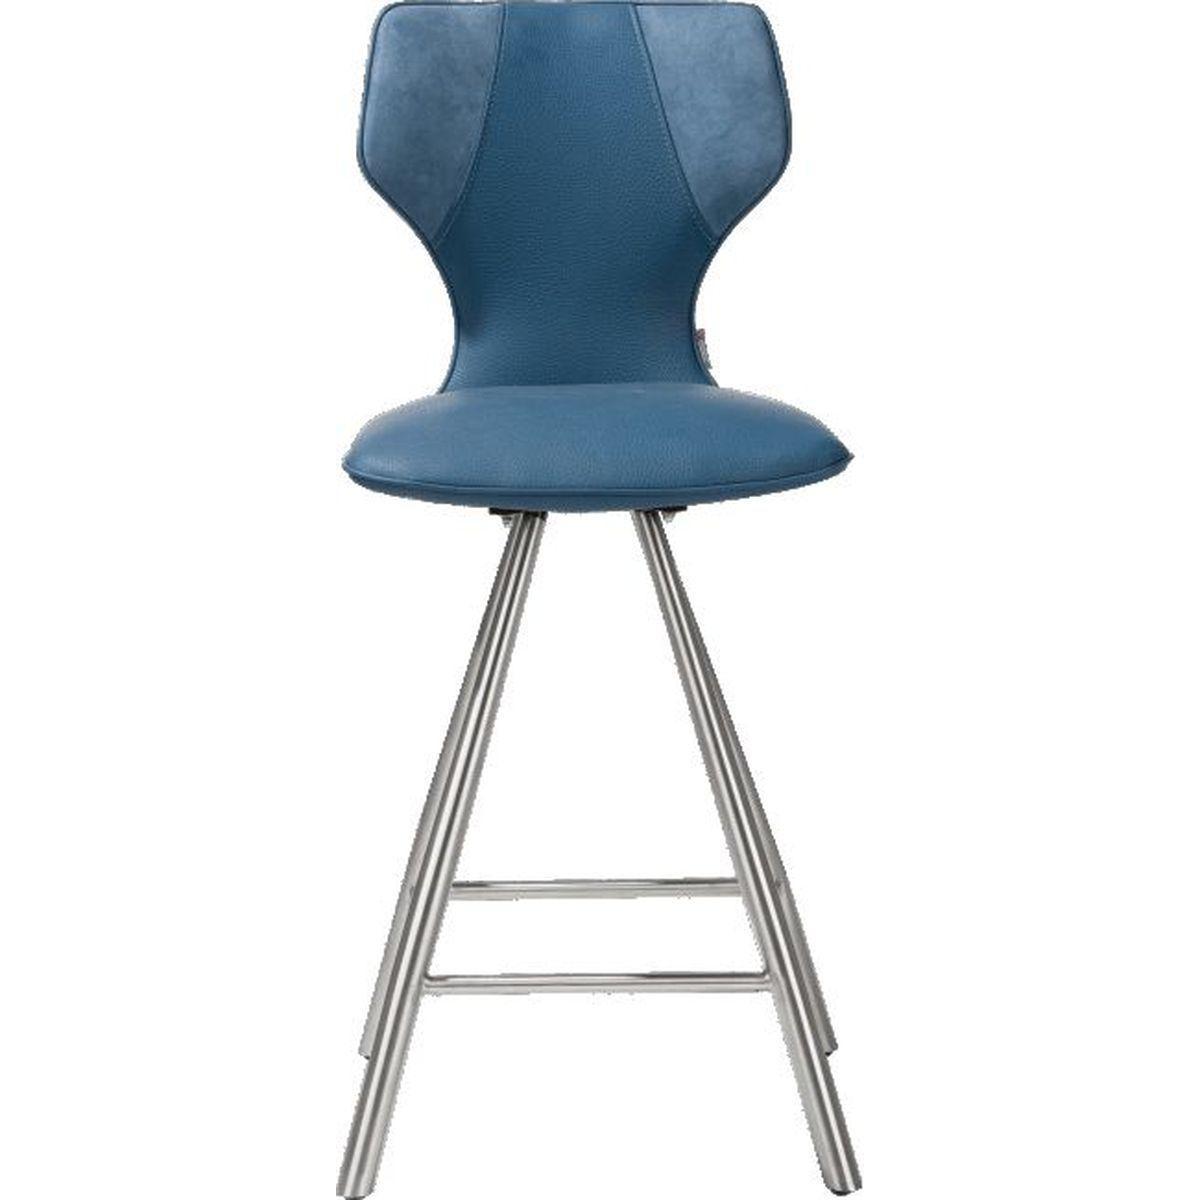 Chaise de bar SCOUT Xooon bleu